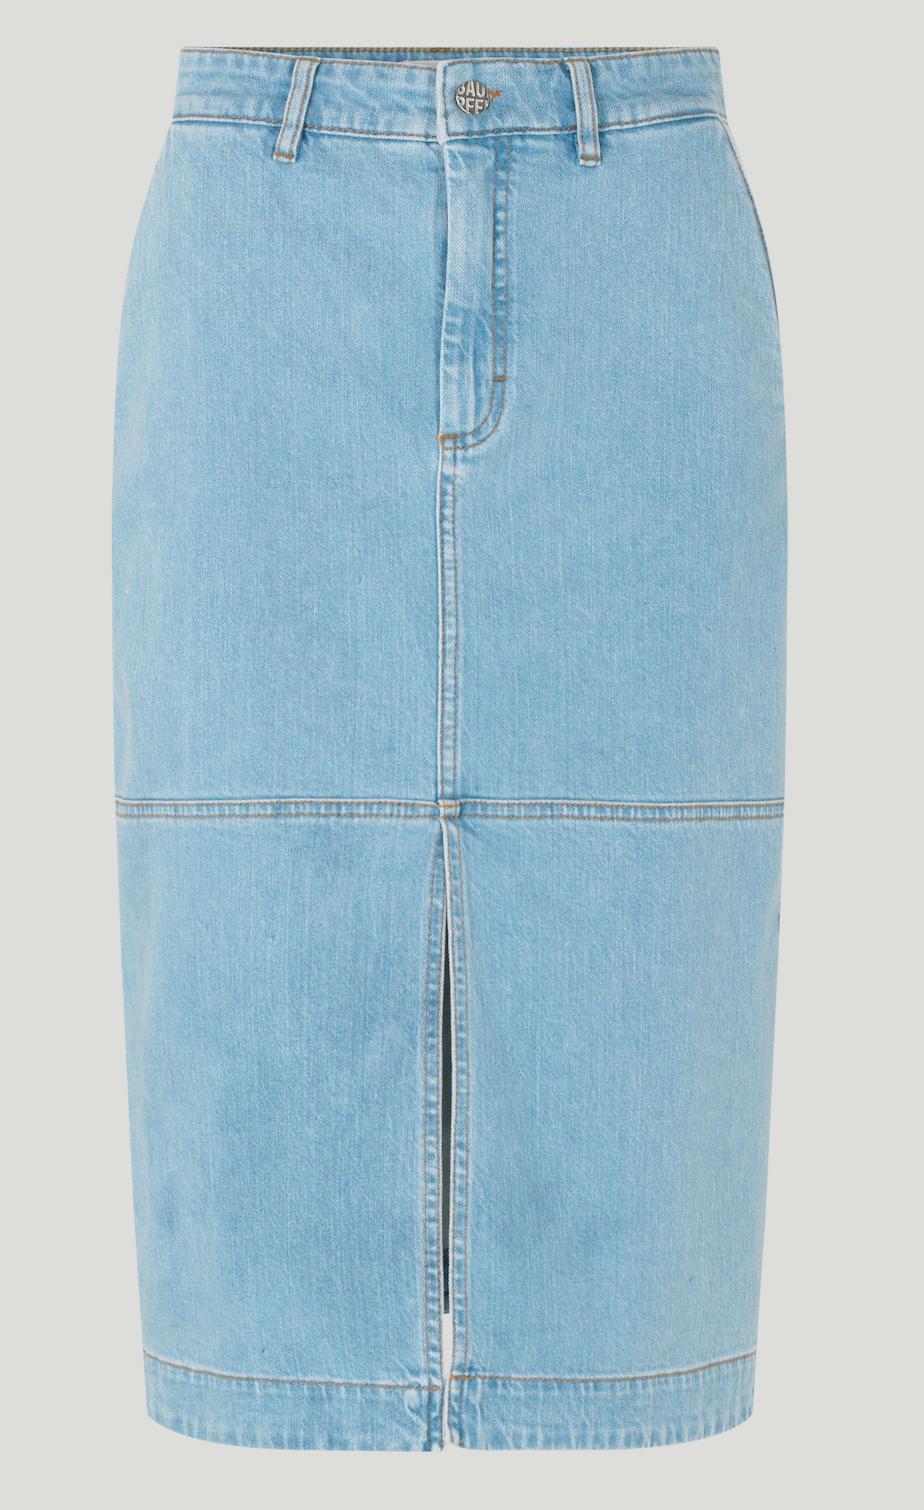 Sophia jeans skirt-1